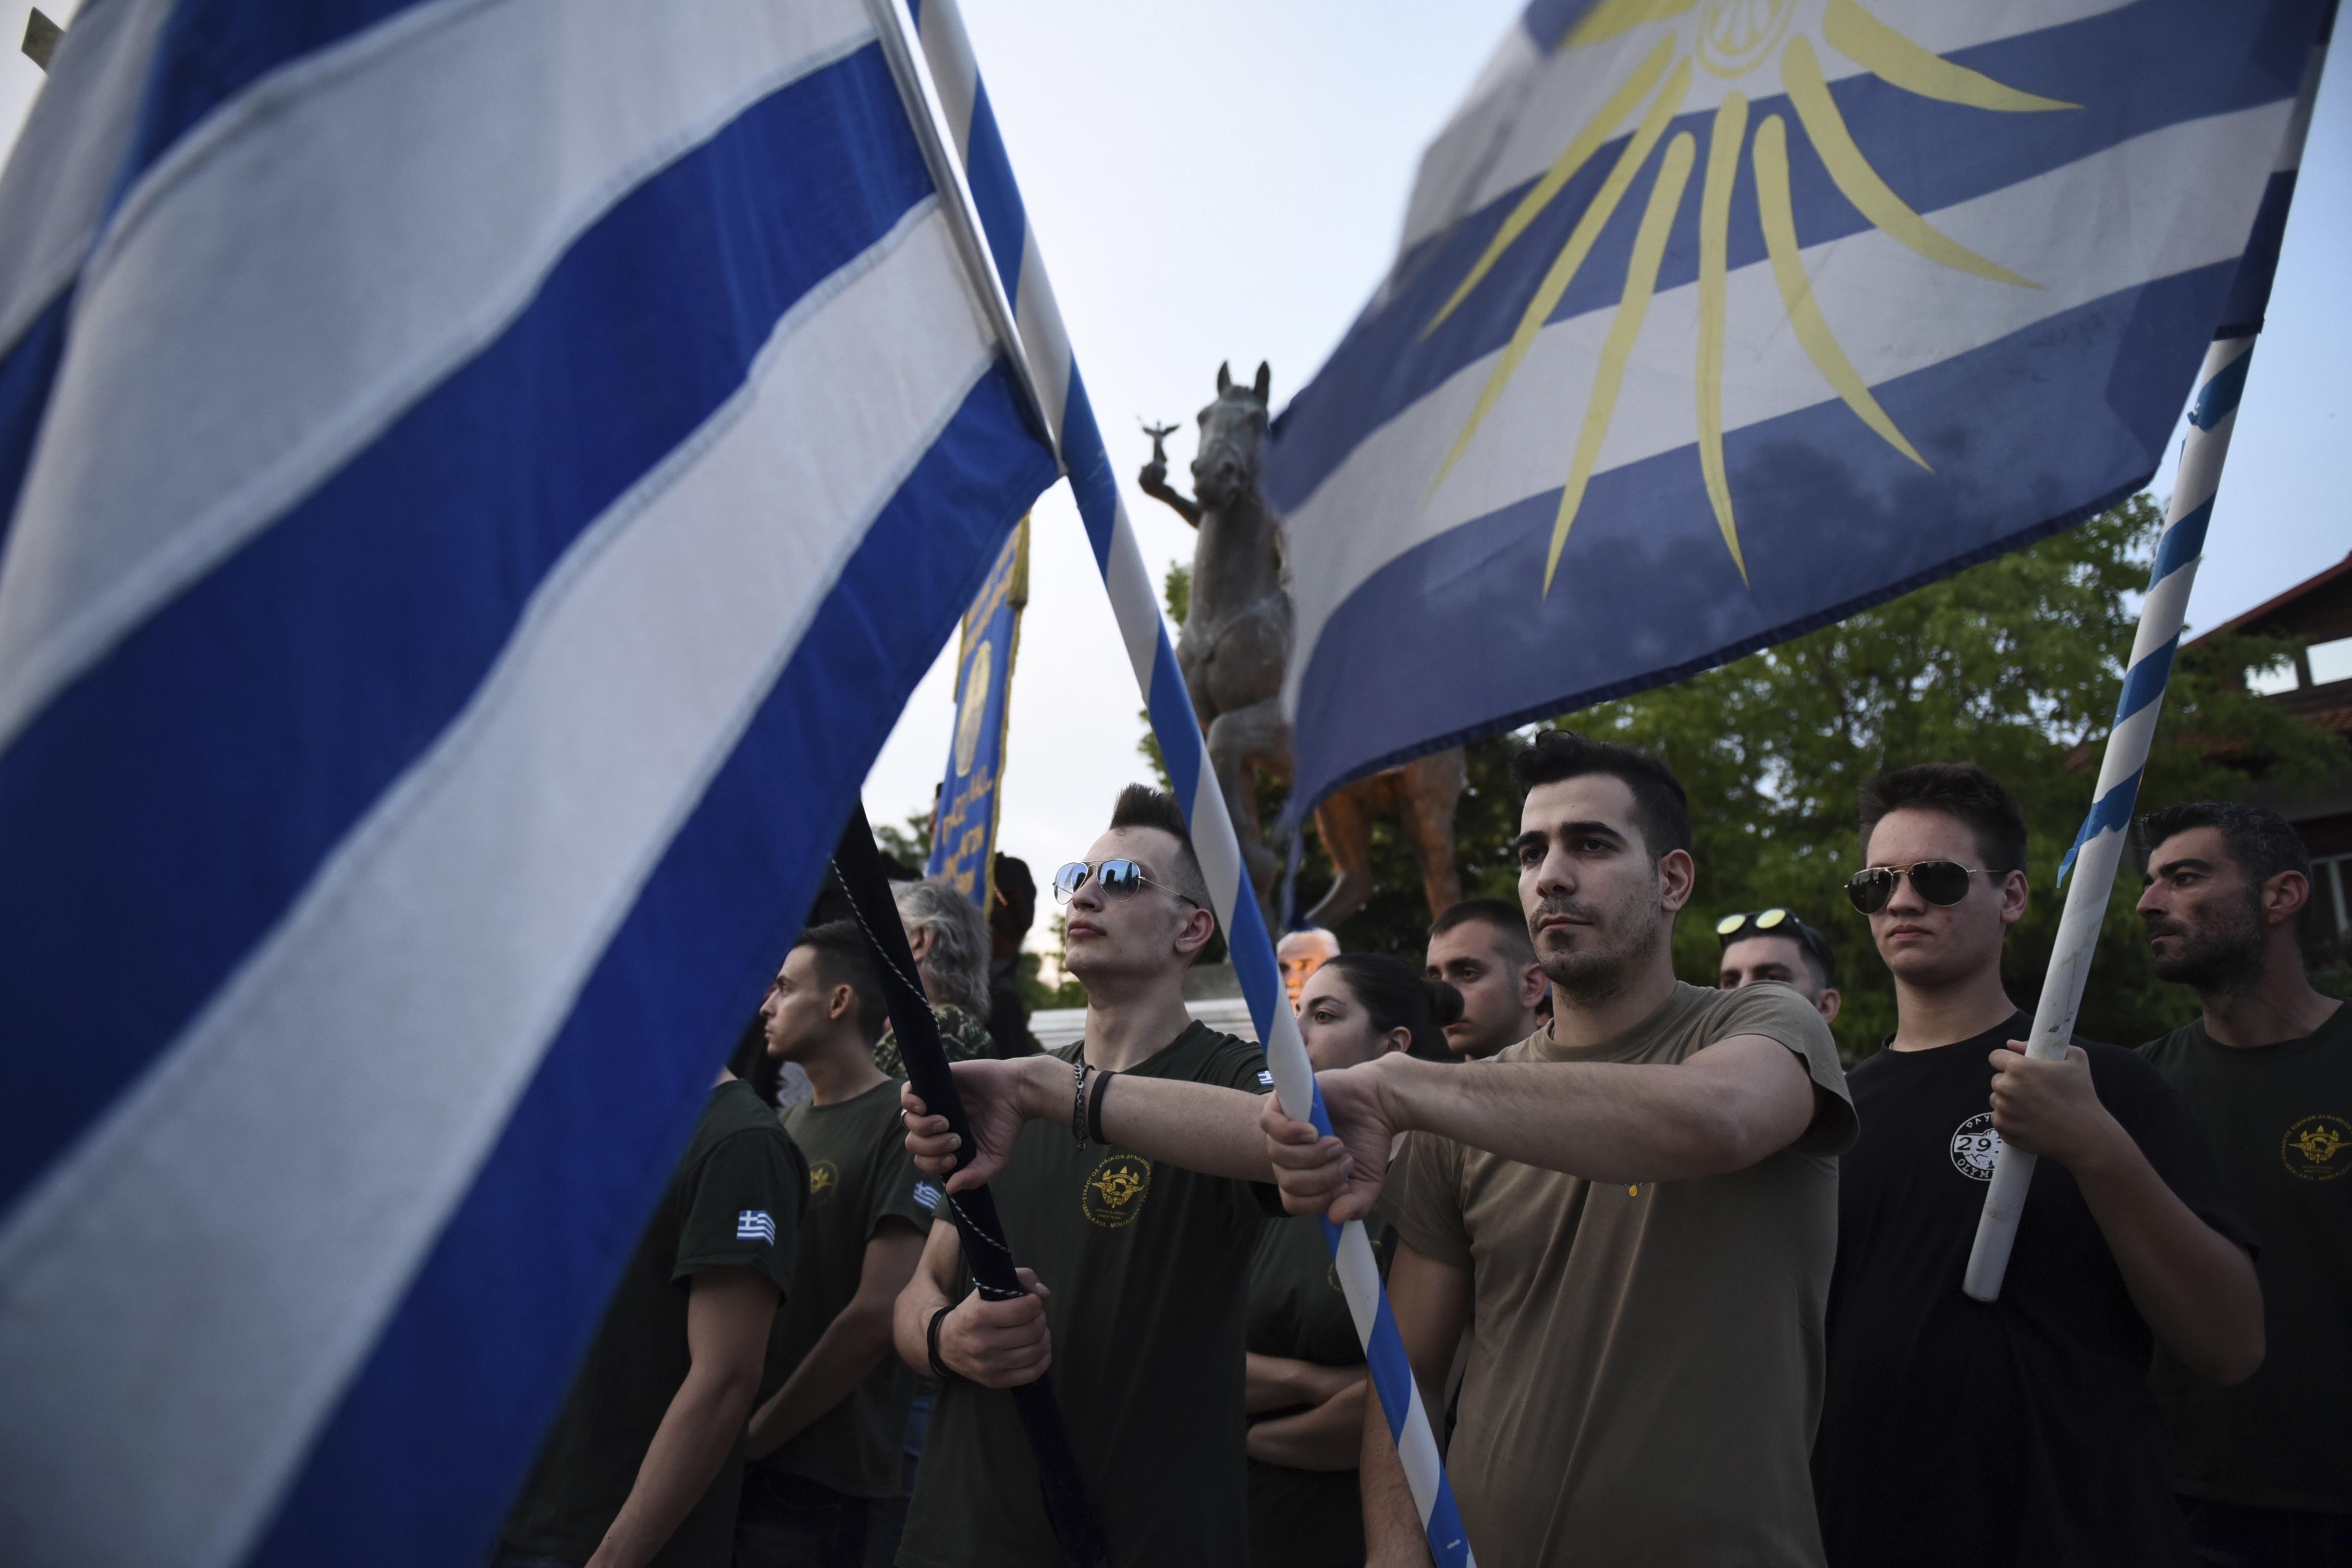 chiliades-diadilosan-gia-ti-makedonia-se-23-poleis-tis-choras-fotografies-amp-8211-vinteo9